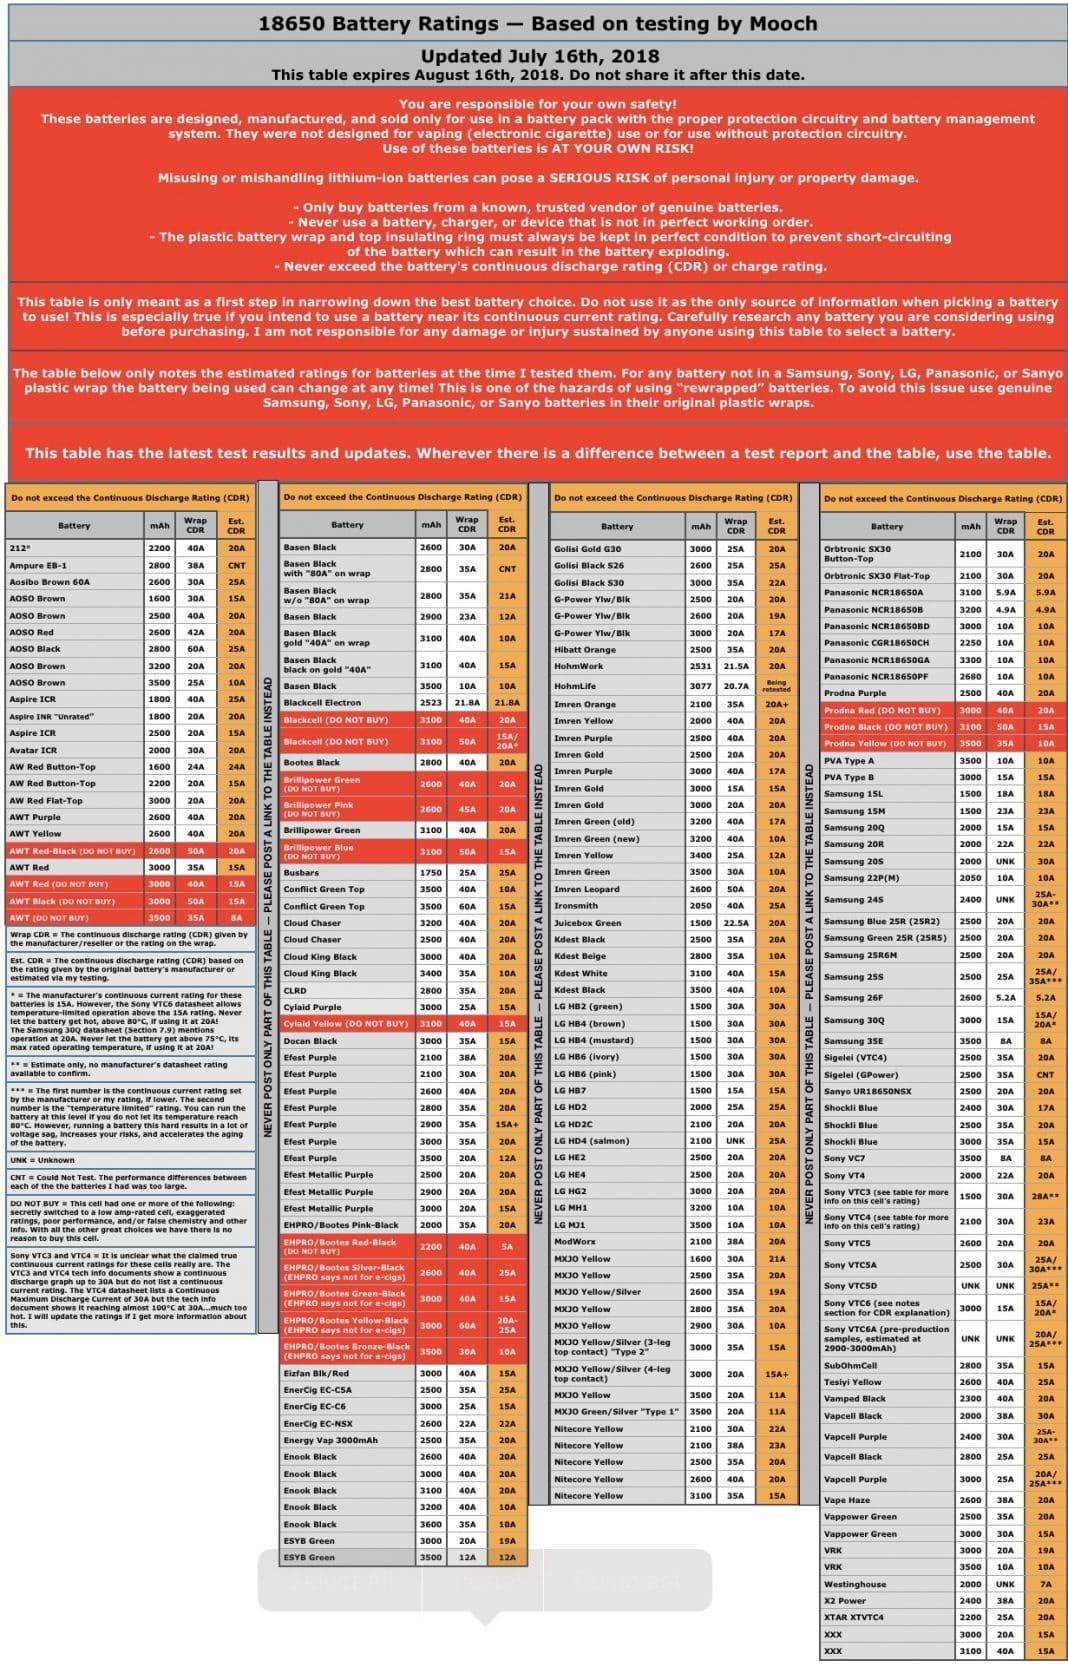 Listing des courants de decharge continu des batteries 18650 par Mooch - Listing des courants de decharge continu des batteries par Mooch -